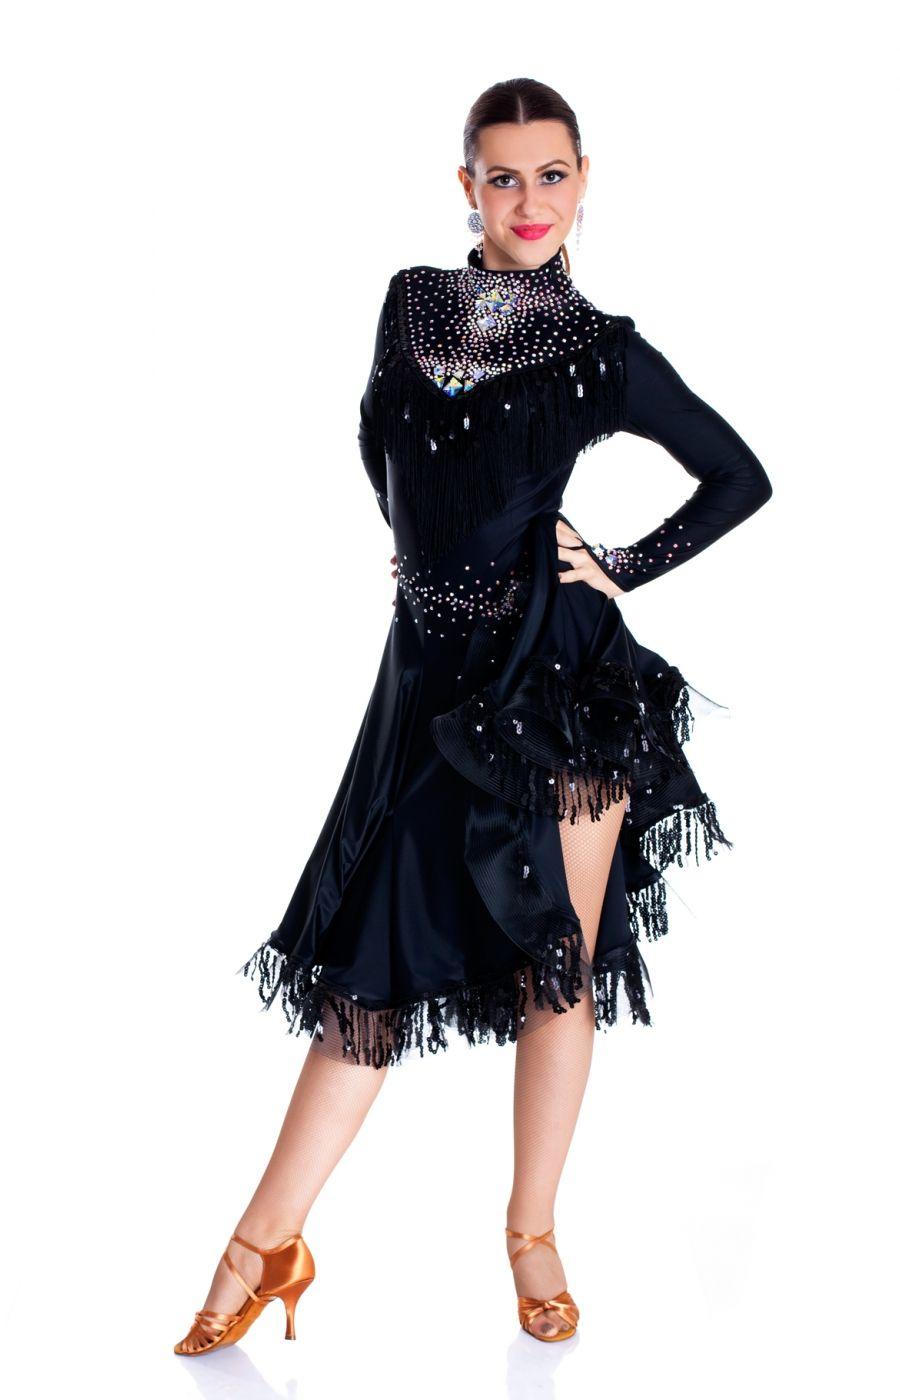 57f879baa Sasuel deasign creator of all type of dancesport dresses and ...